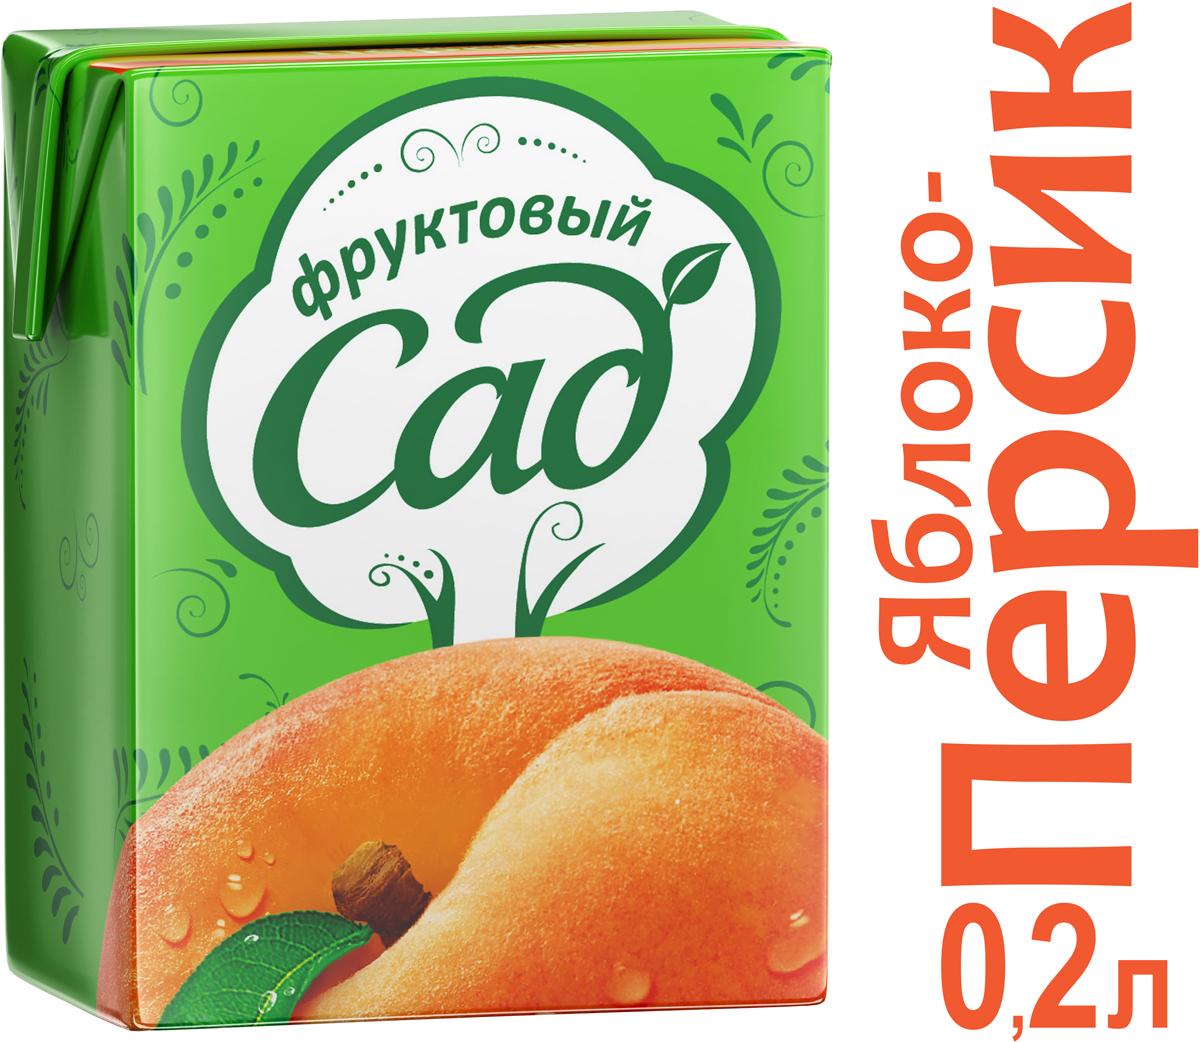 Фруктовый Сад Персик-Яблоко нектар с мякотью, 0,2 л фруктовый сад персик яблоко нектар с мякотью 0 2 л